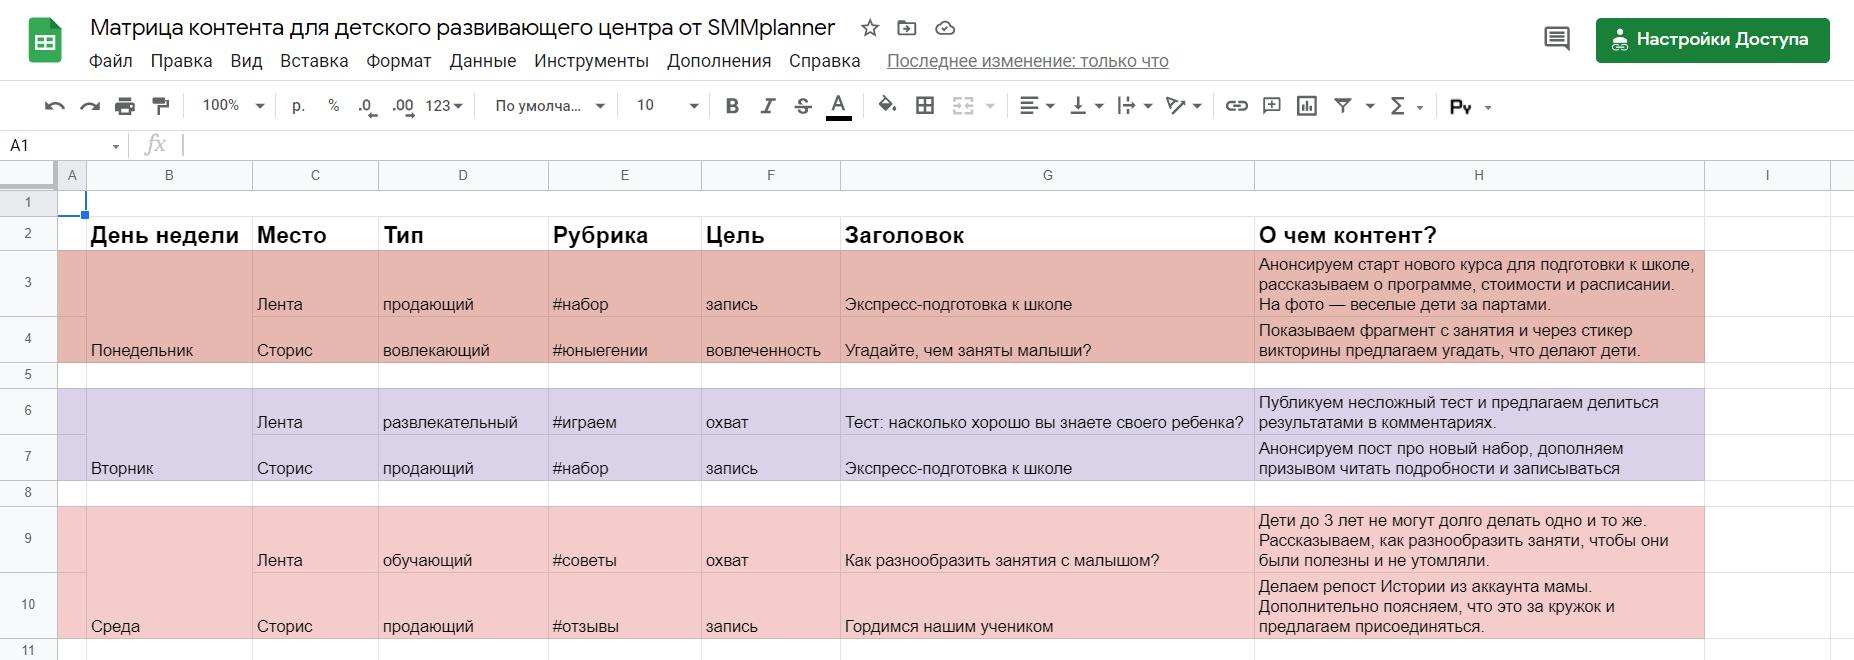 Полная матрица контента с планом на две недели откроется в Google Таблицах. Вы можете скопировать ее к себе и использовать для составления контент-плана